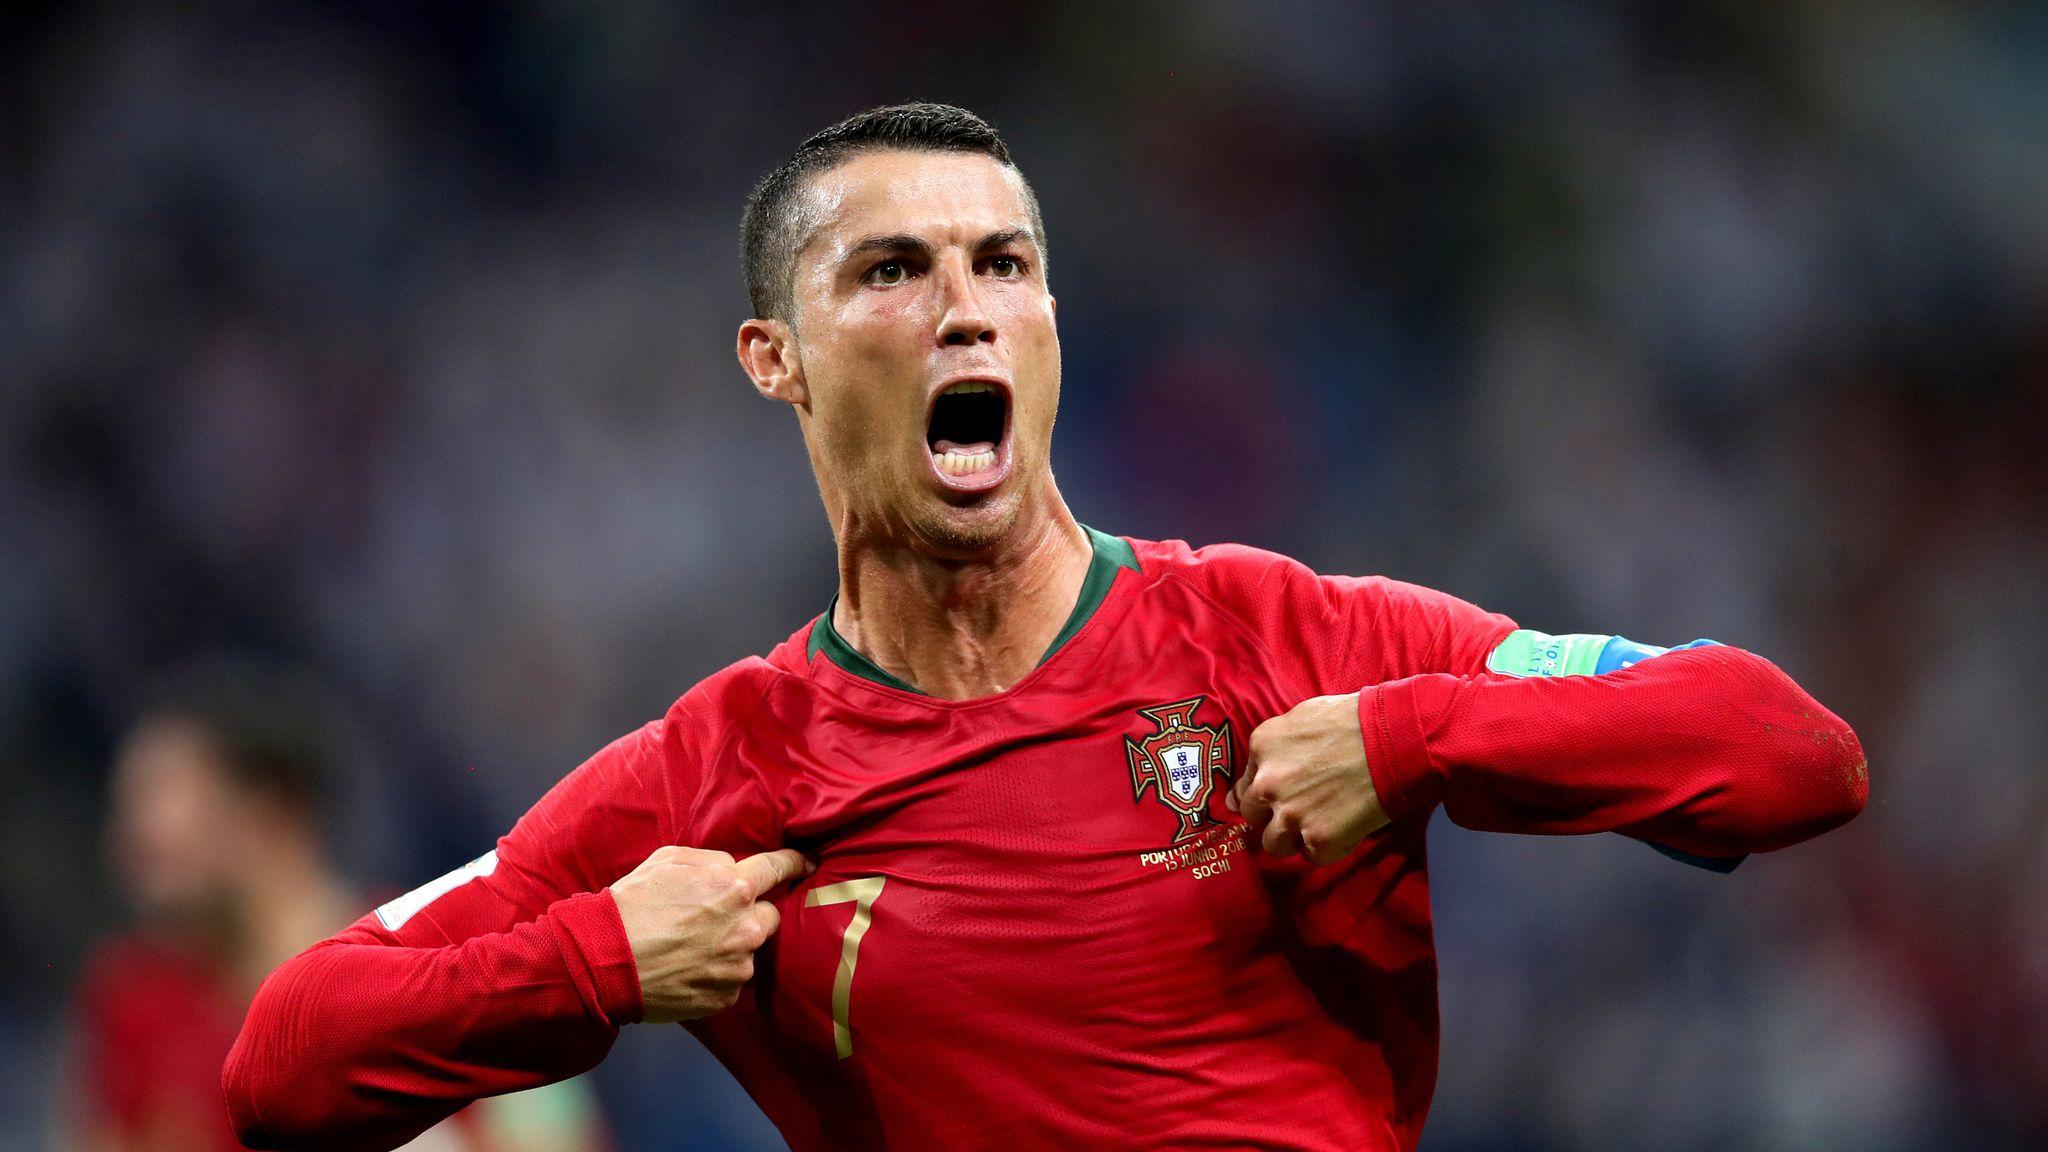 Jose Mourinho praises 'special' Cristiano Ronaldo after Portugal treble |  Football News | Sky Sports